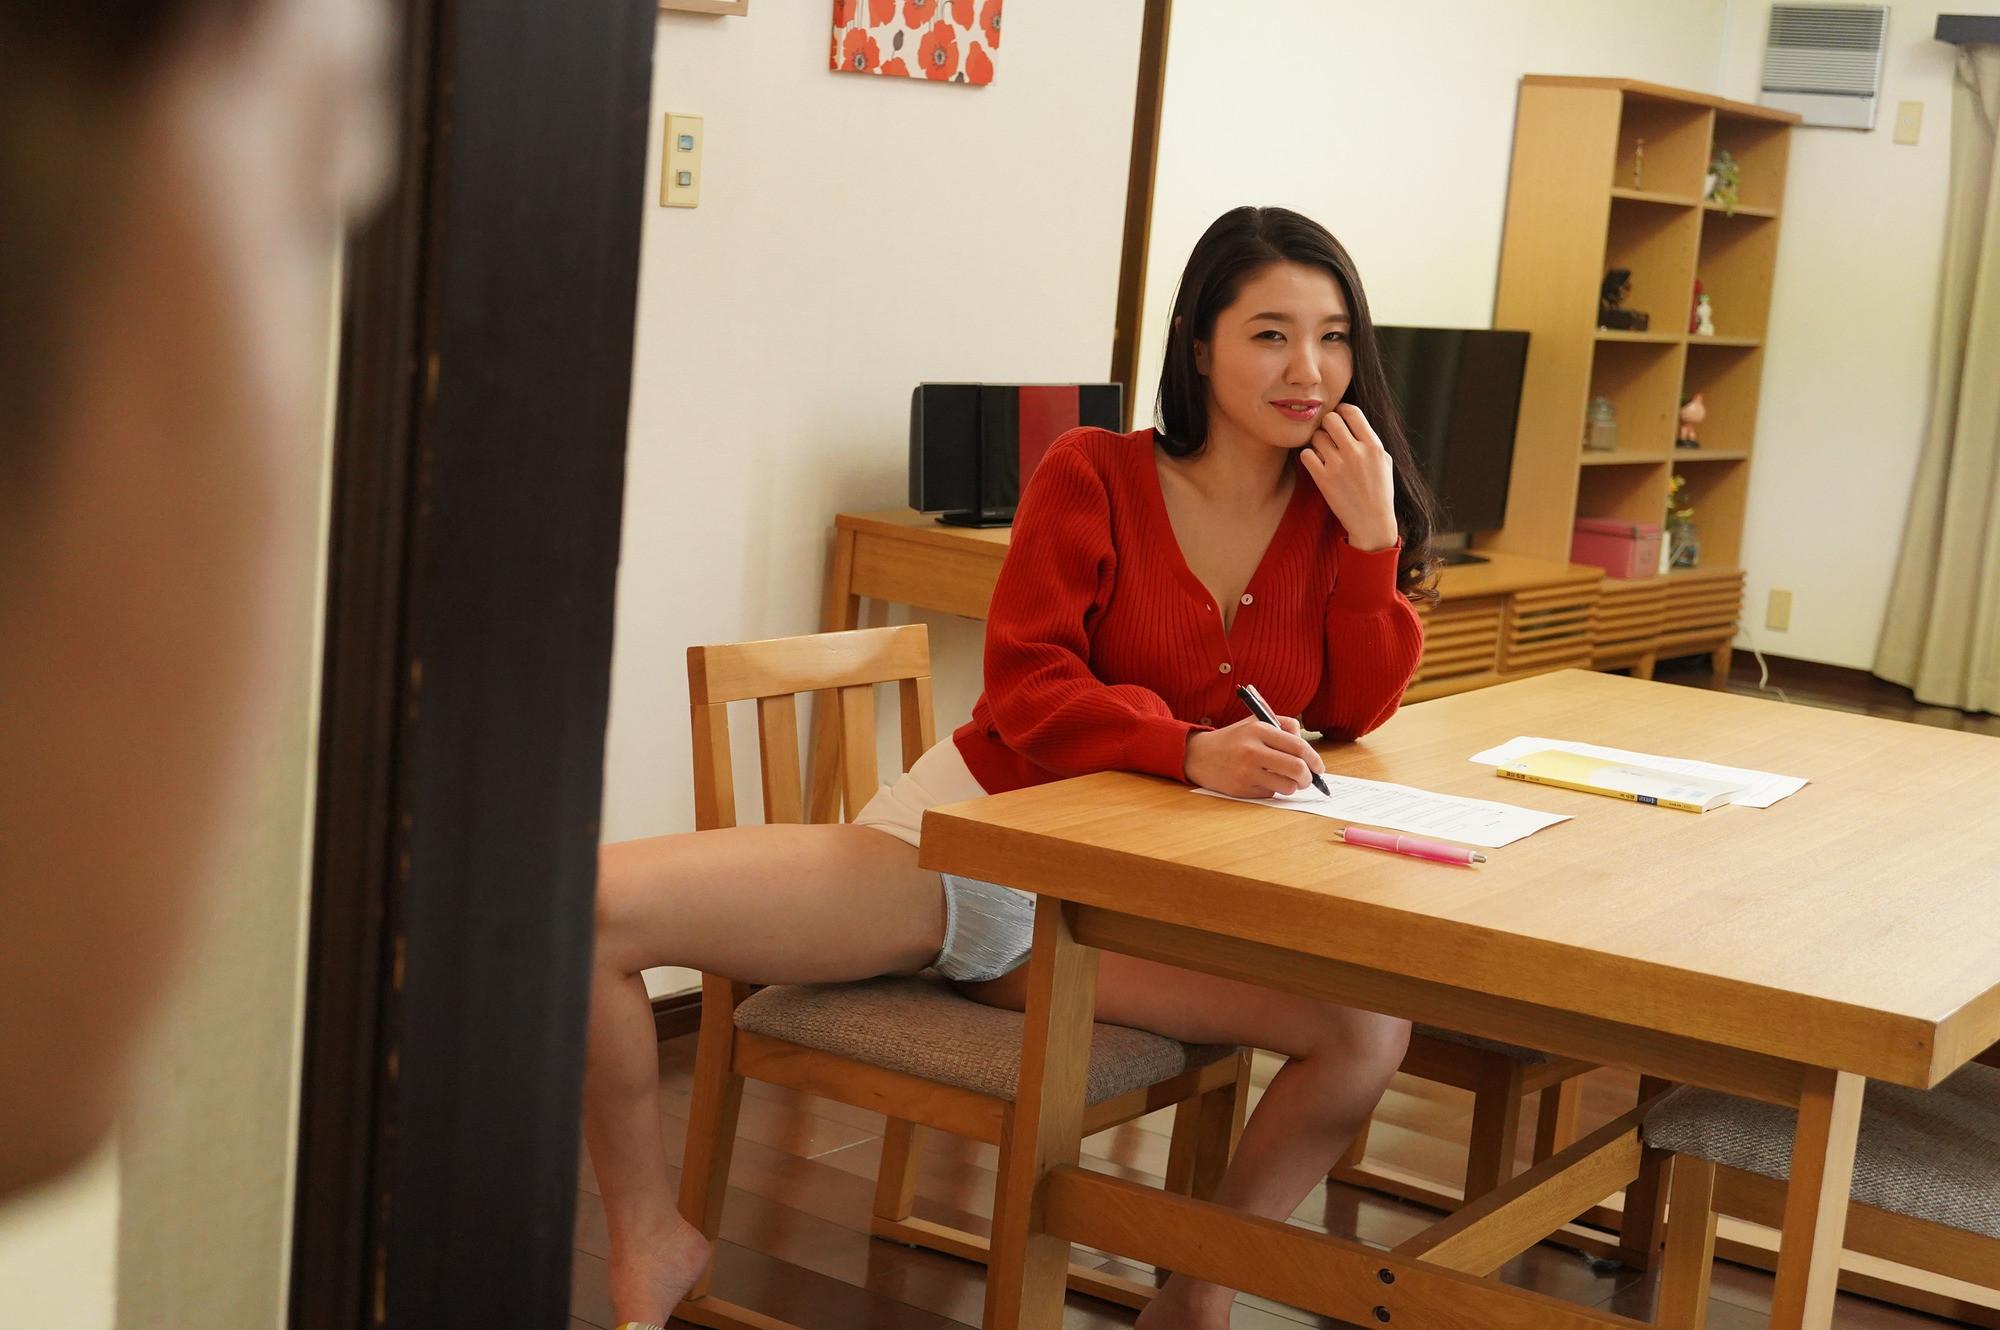 勉強のついでに性処理までしてくれるHカップのヤリマン家庭教師 瀬名ひかり,のサンプル画像6